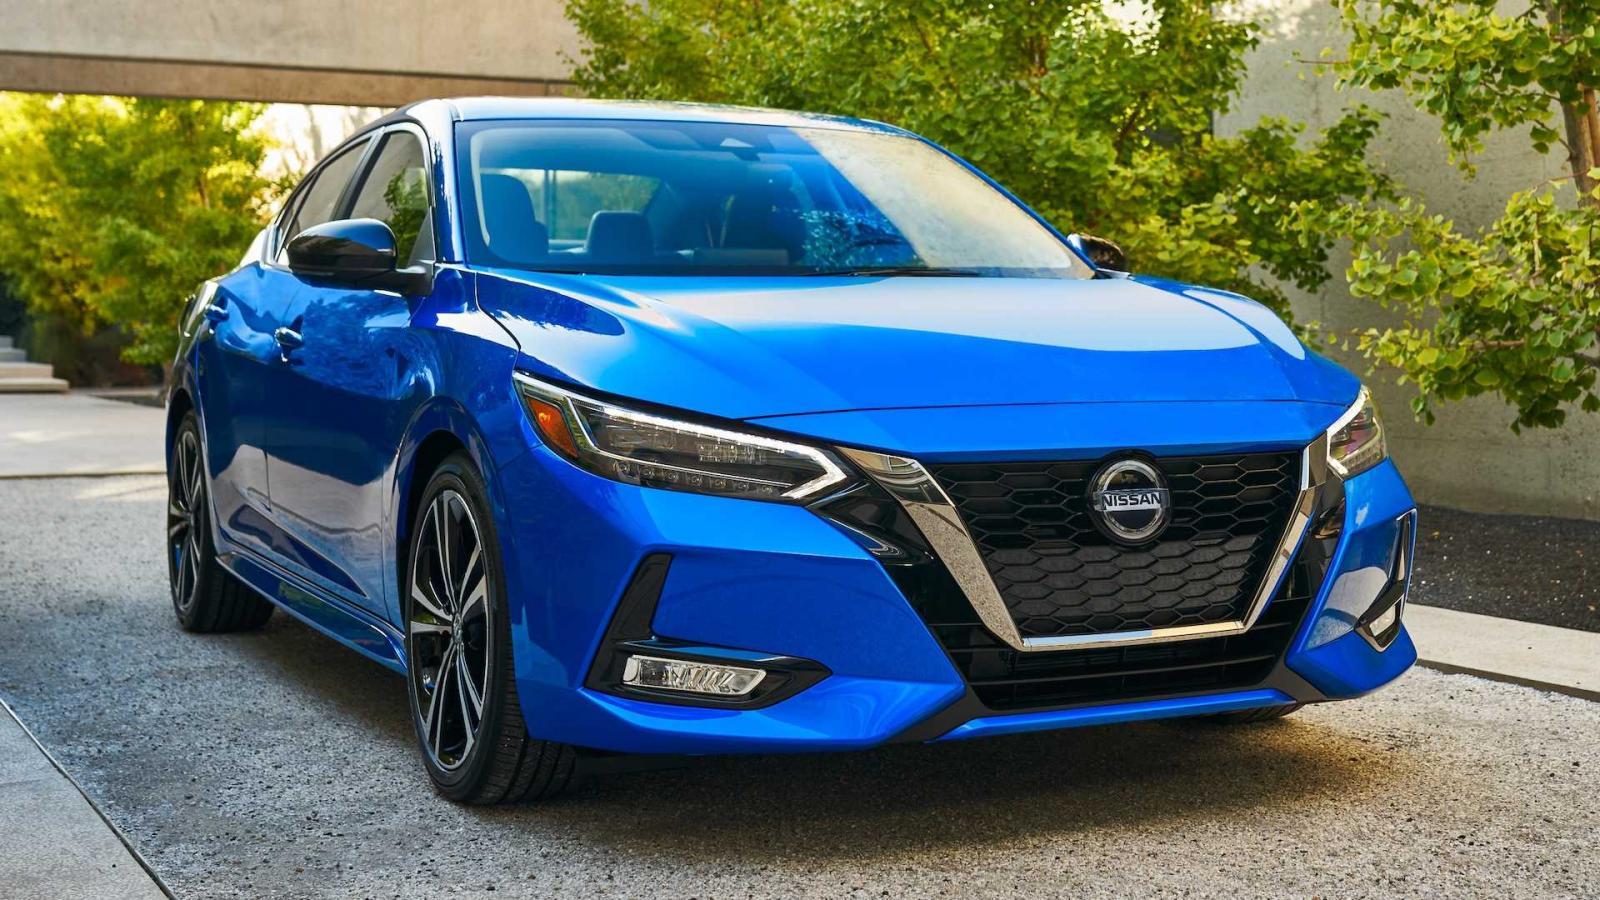 El Nissan Sentra 2020 presume un diseño más agresivo y moderno